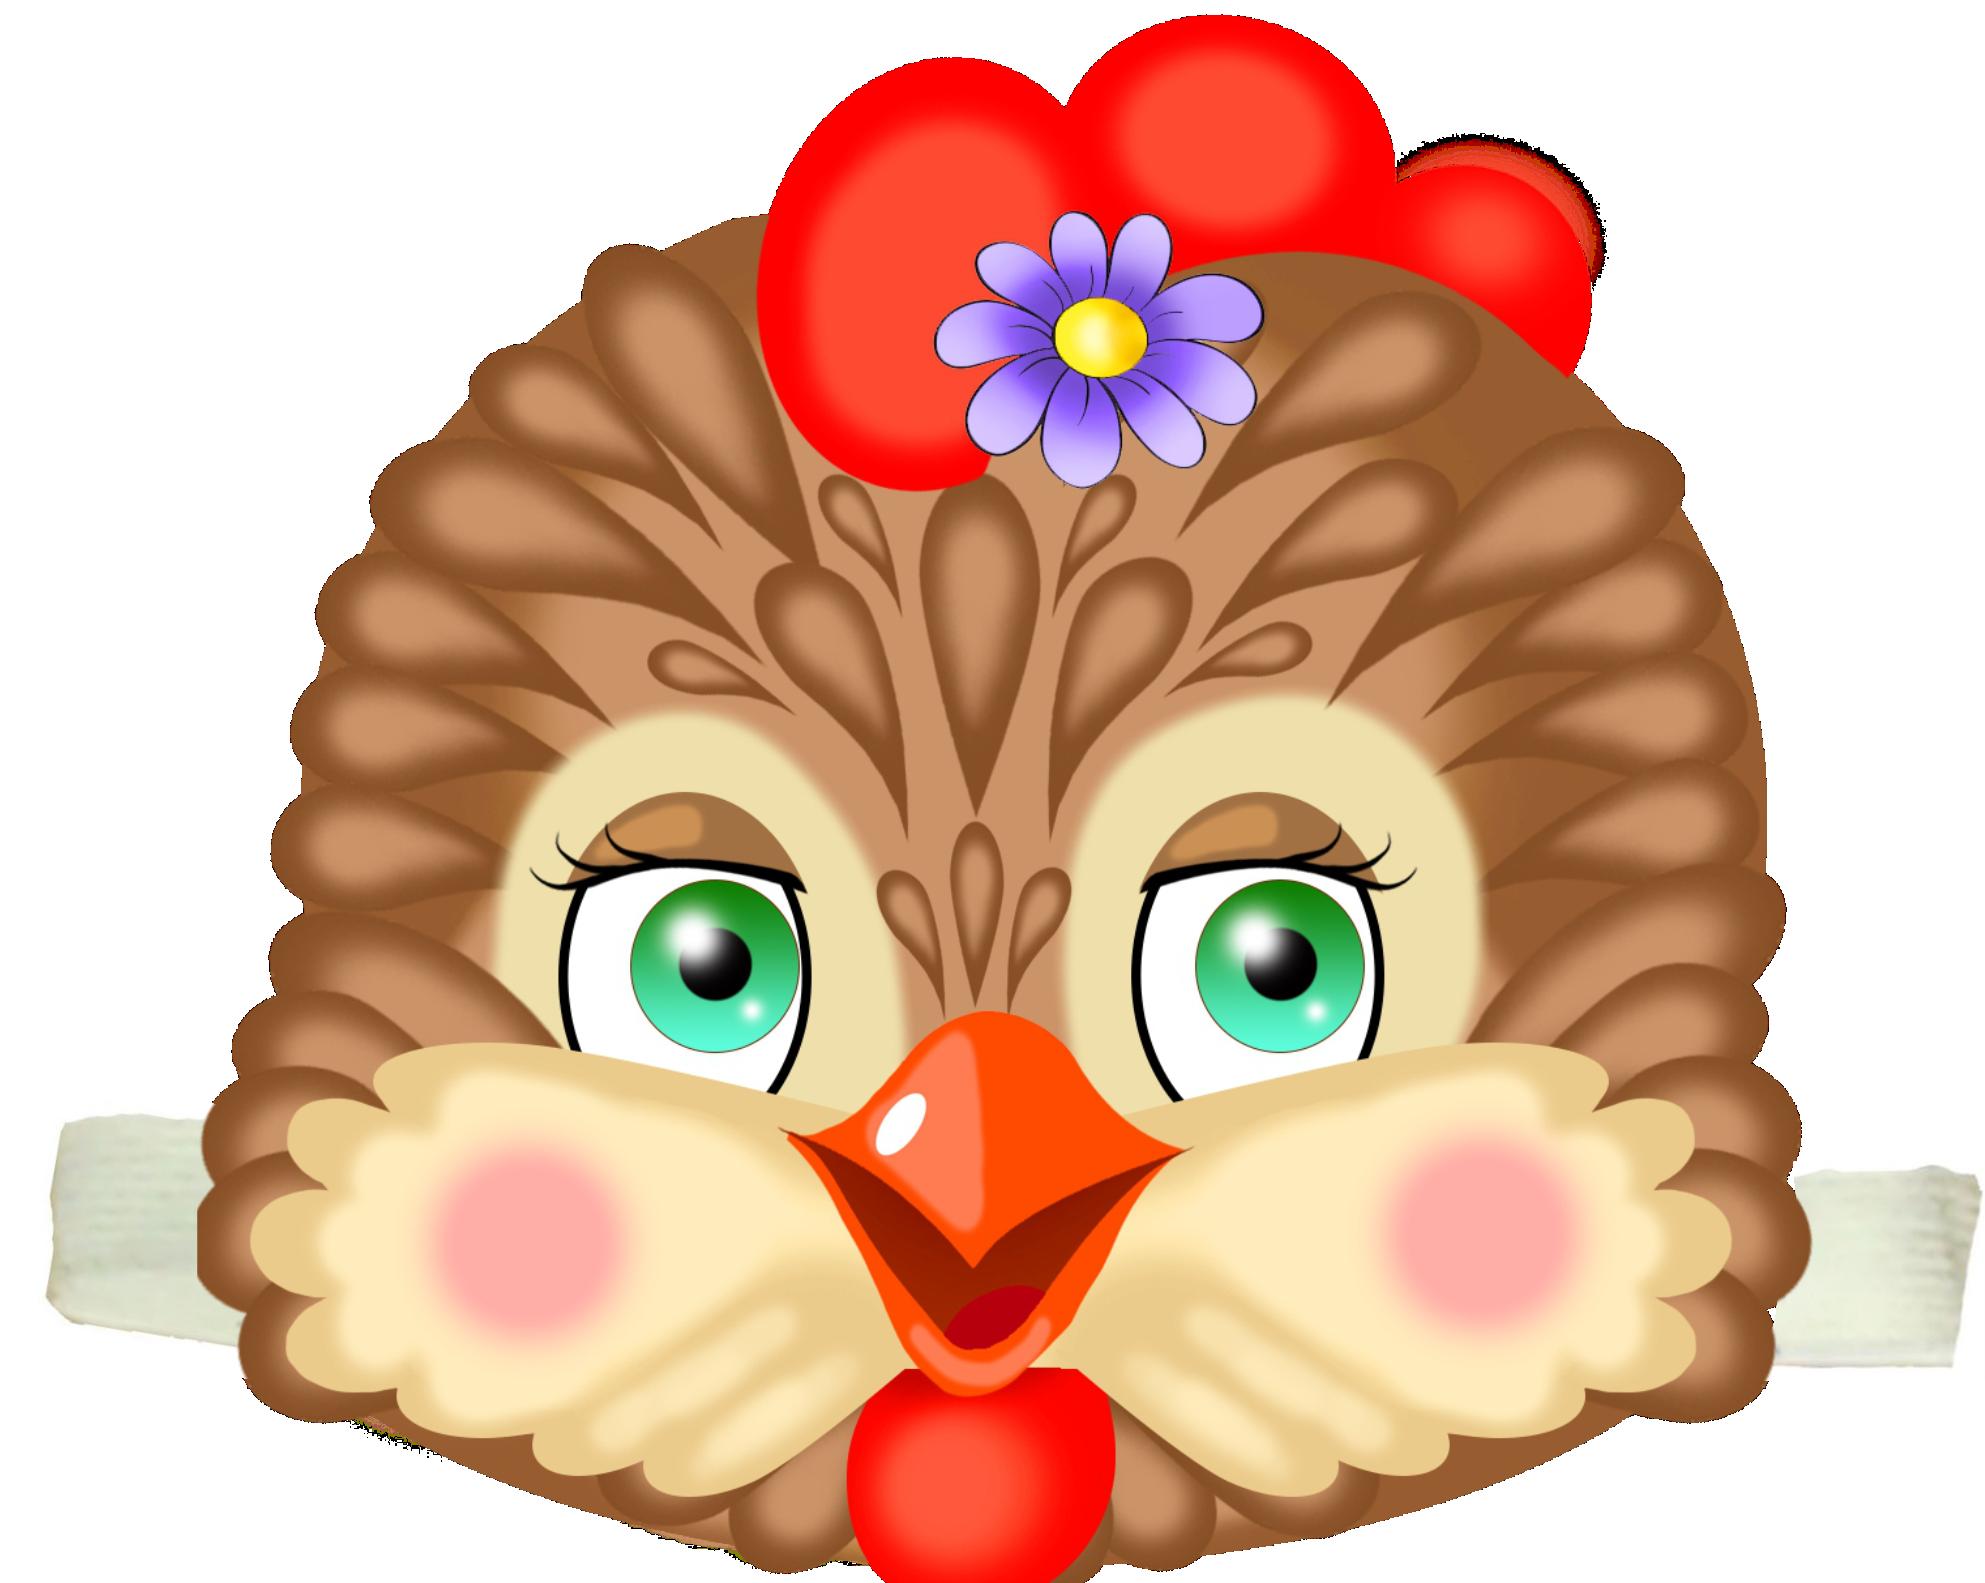 таком картинки маски курицы на голову загадочным изображением